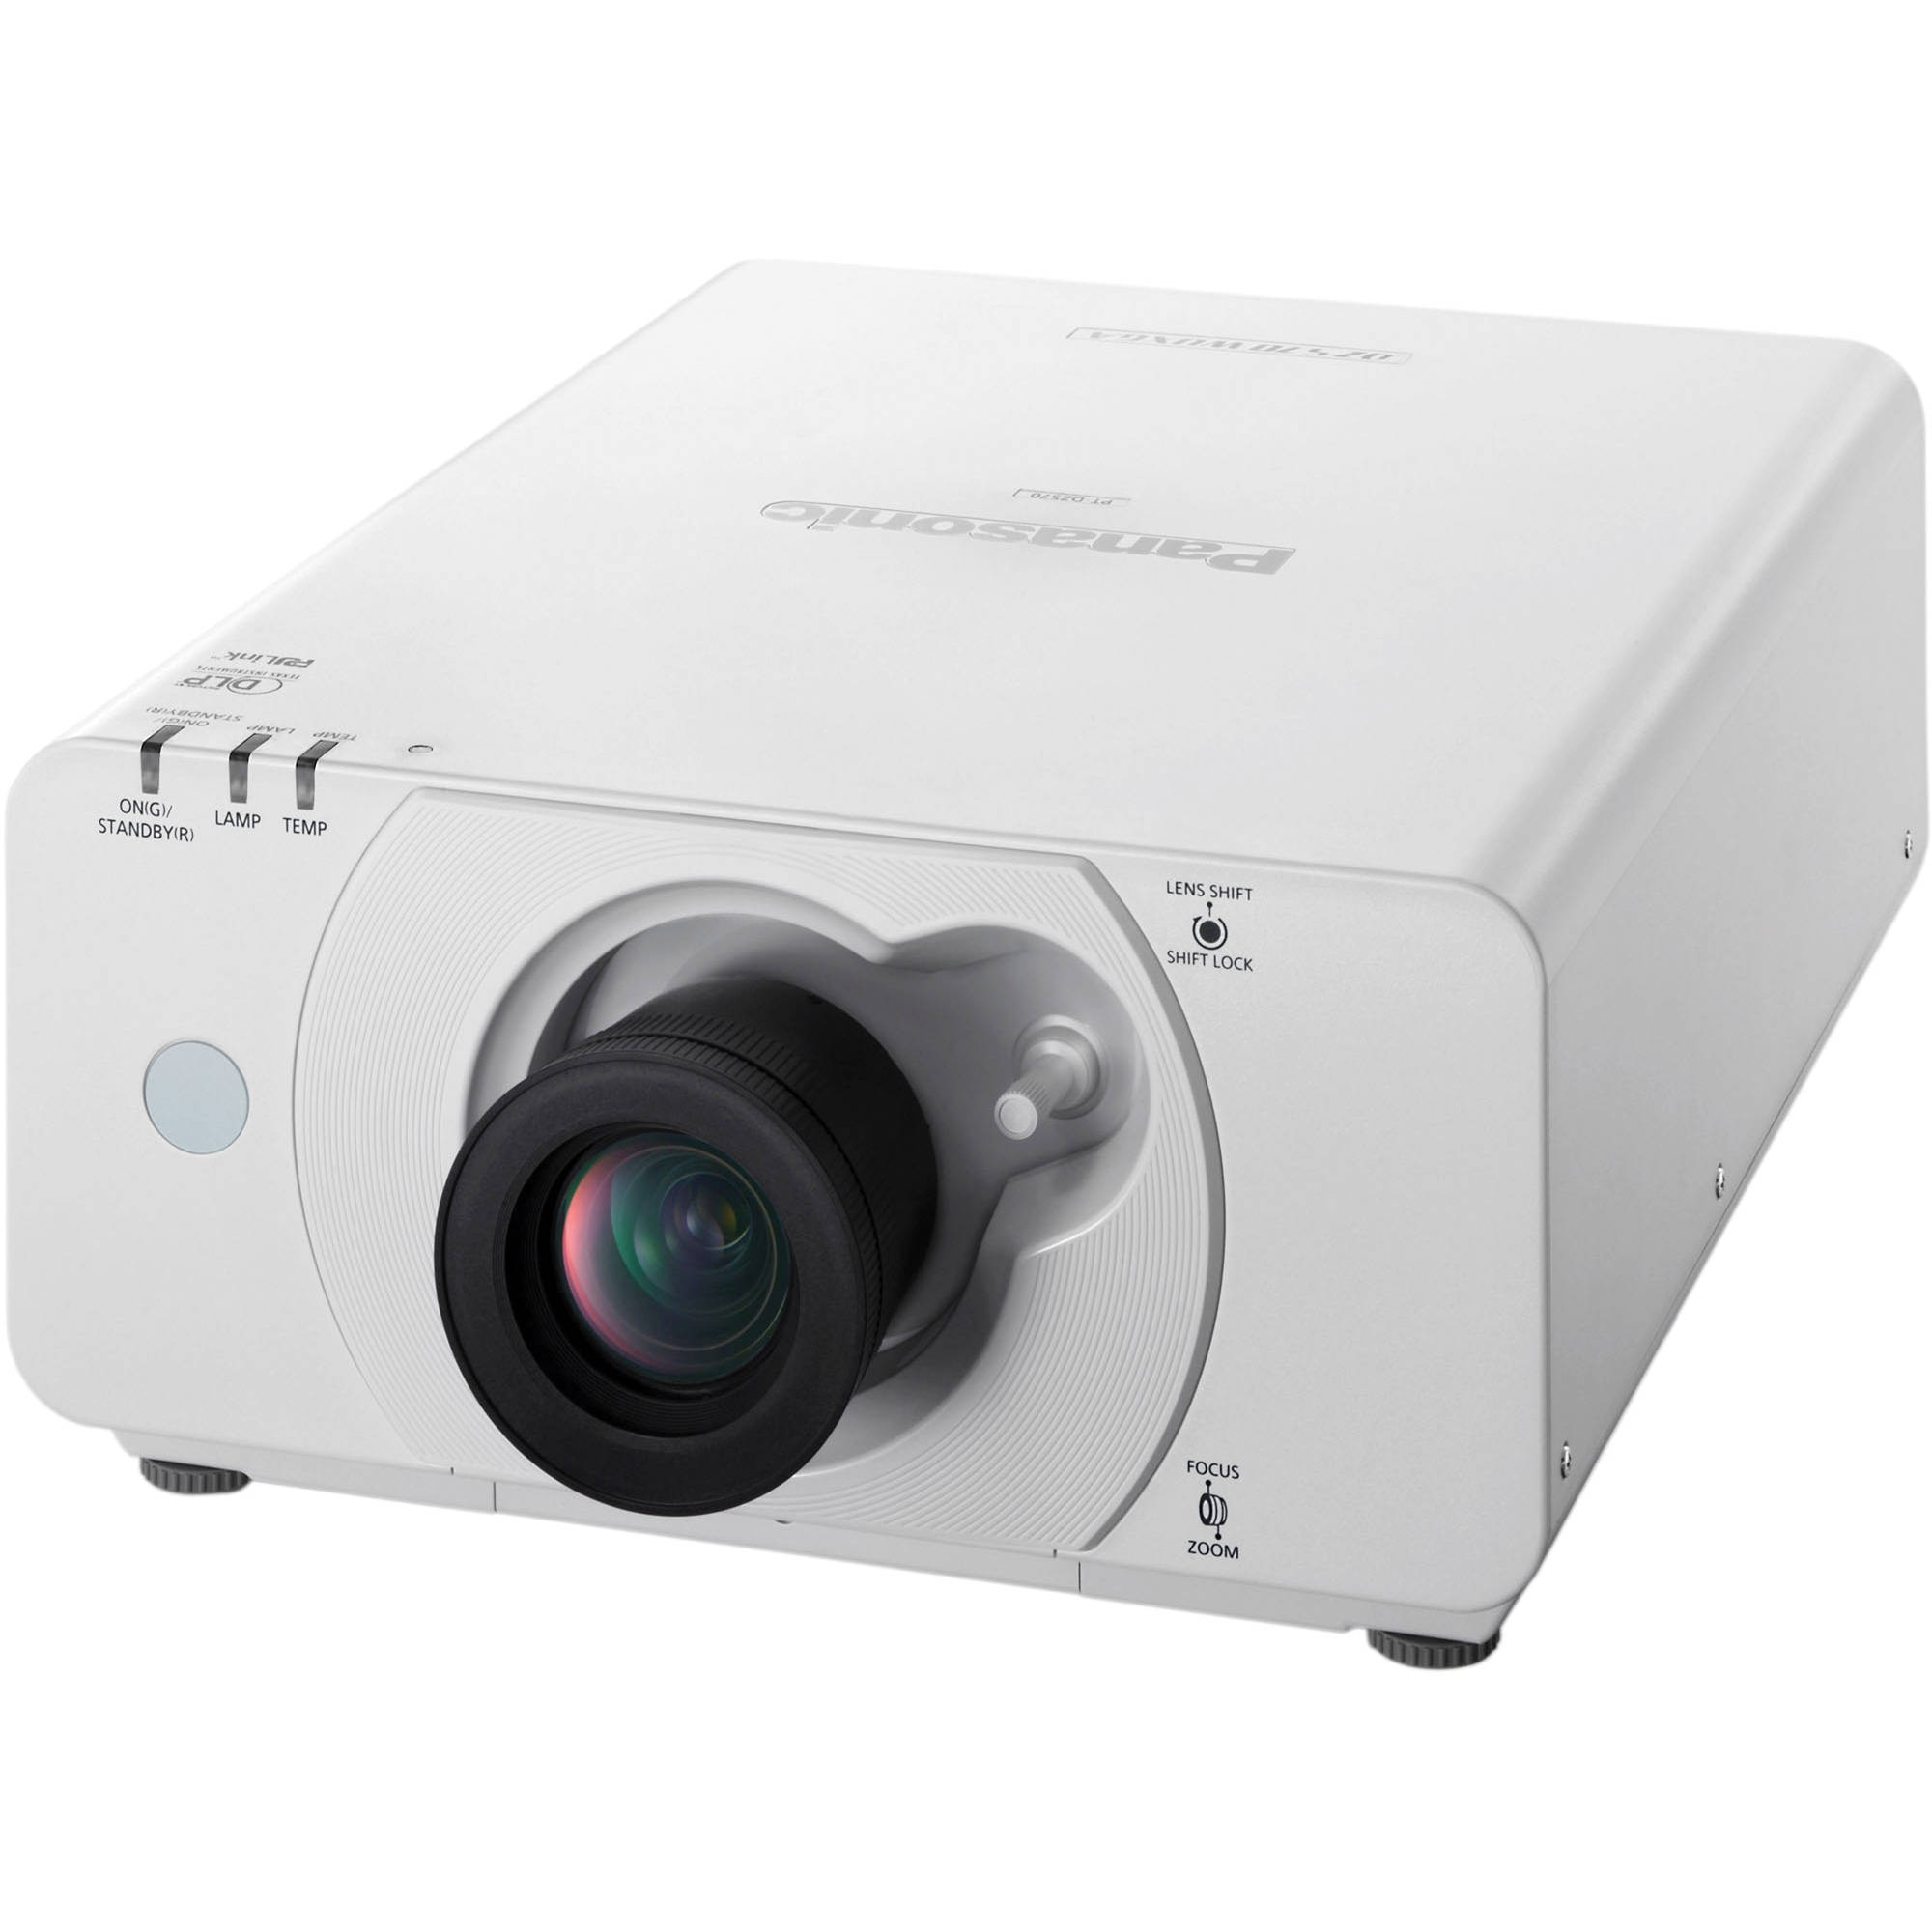 Panasonic PT-DZ570U WUXGA Projector PT-DZ570U B&H Photo Video